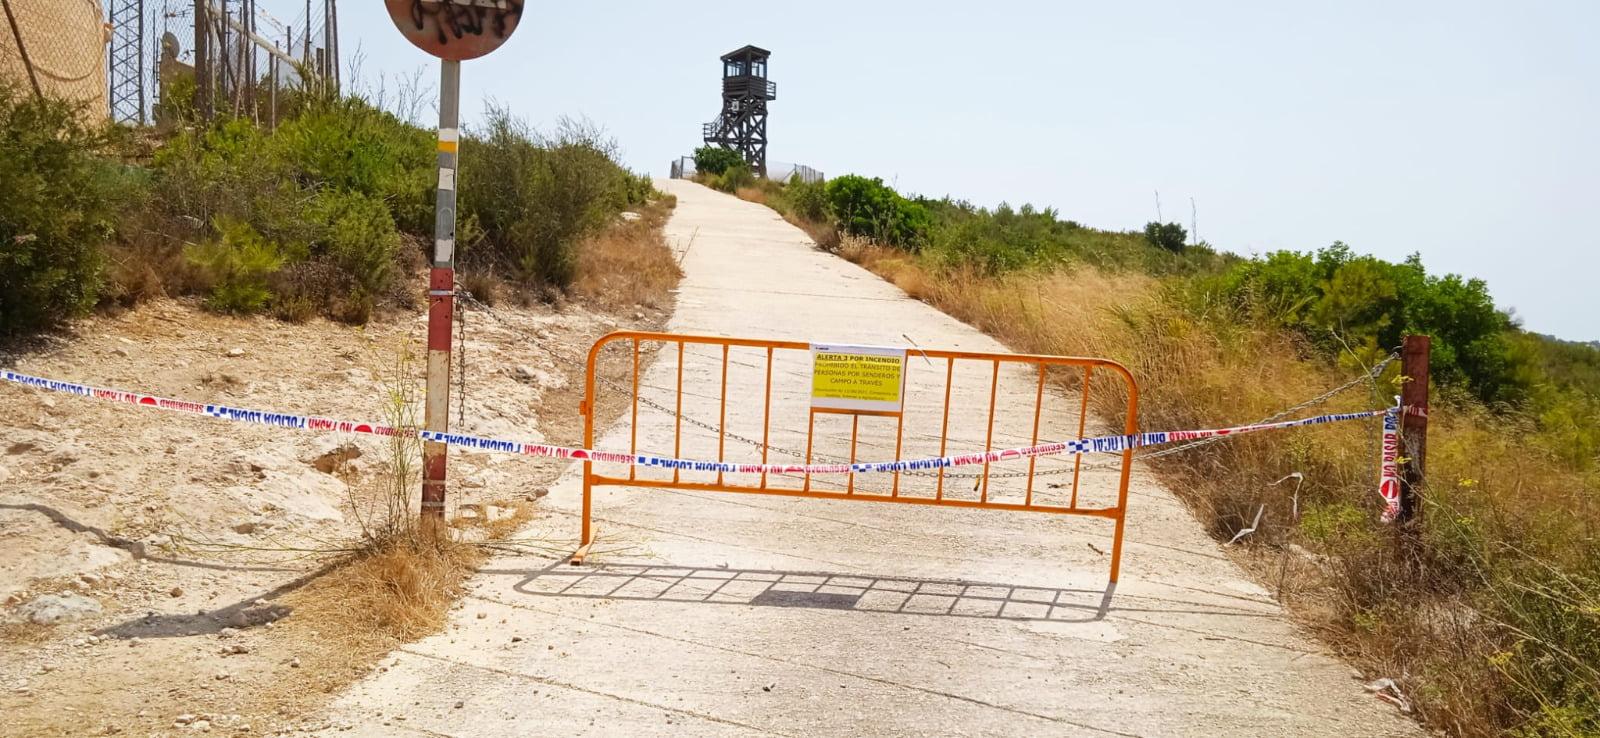 Restricción de paso en áreas forestales de Xàbia